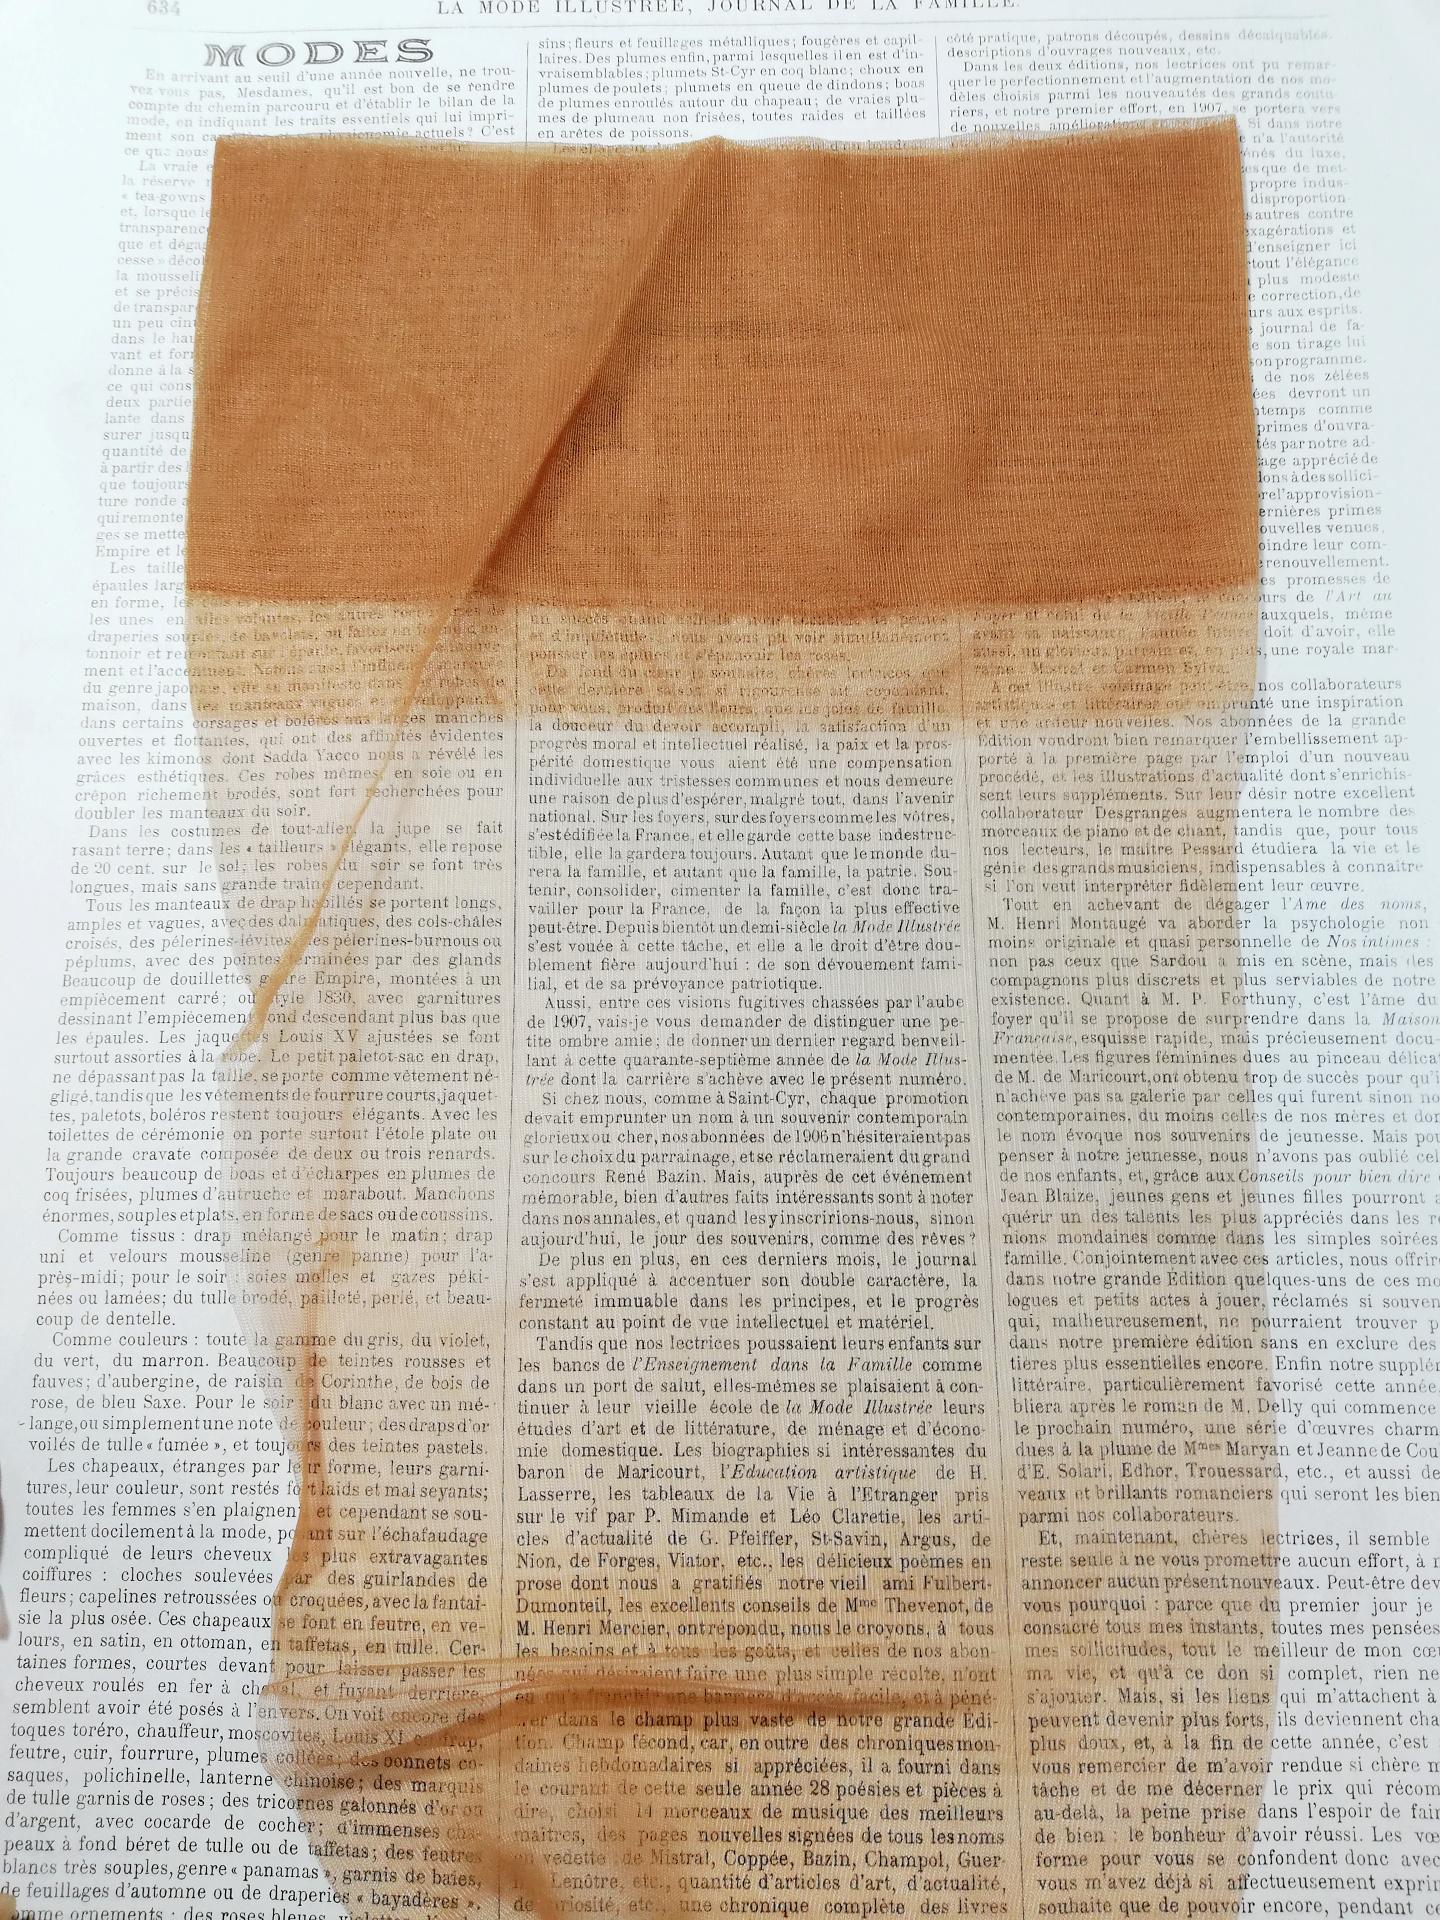 Vintage Nylon Stockings 5